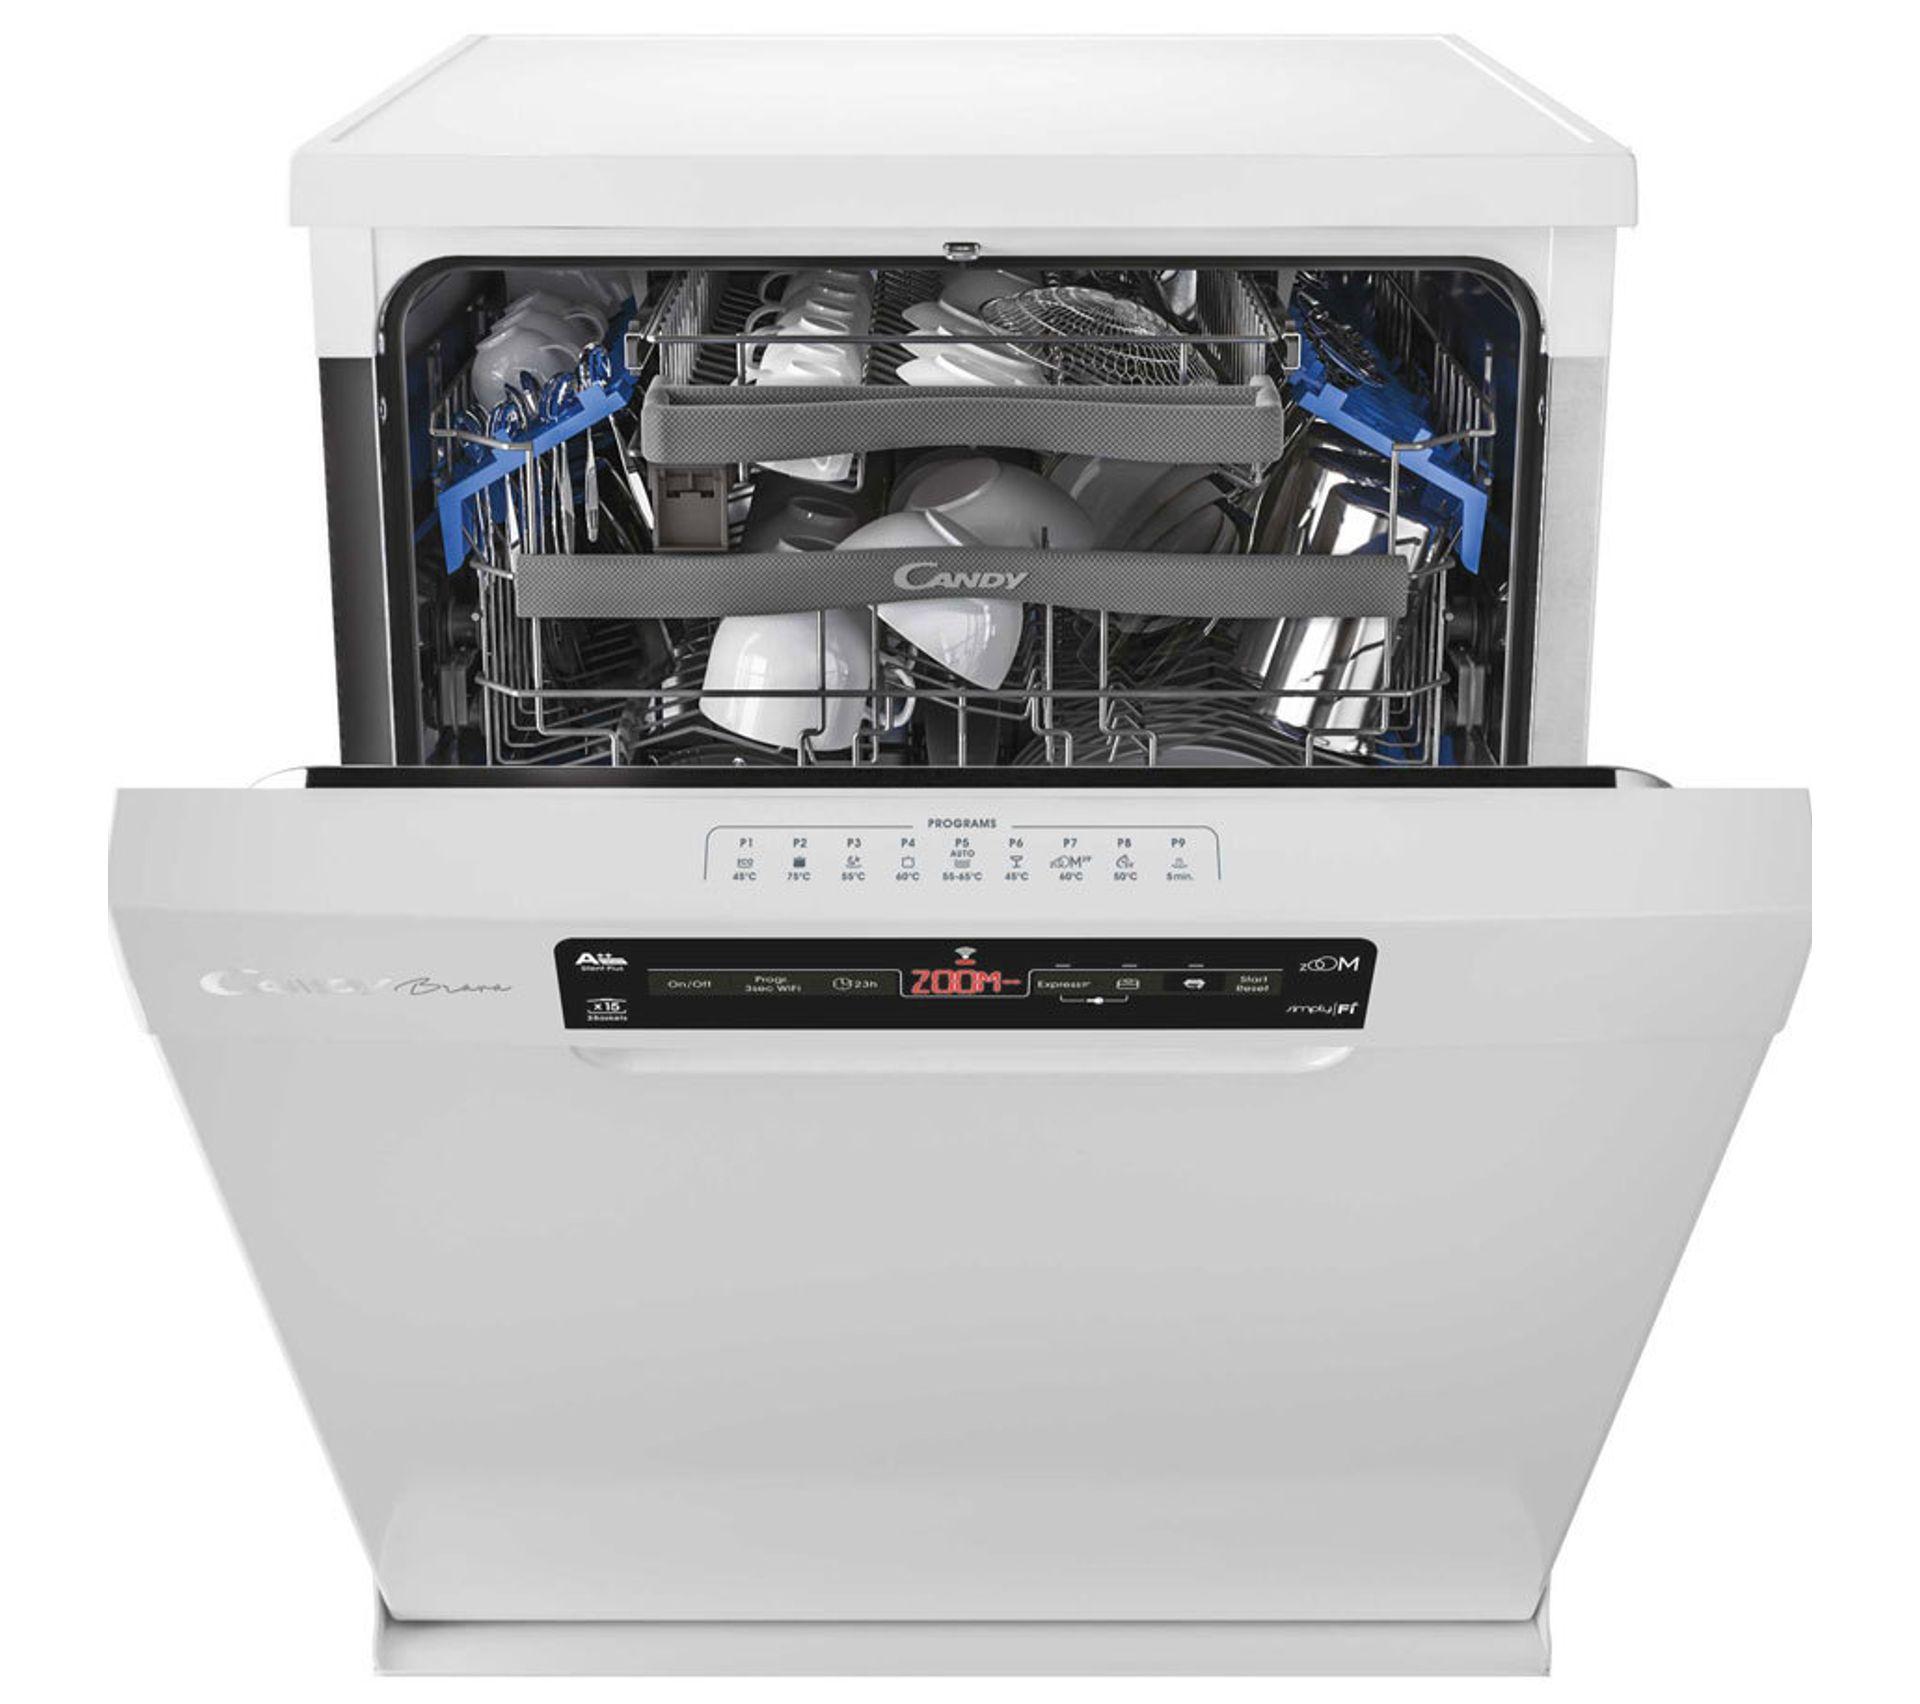 Filtre Piscine Lave Vaisselle lave vaisselle pose libre 15 couverts 43 db a++ wifi - cdpn2d522w